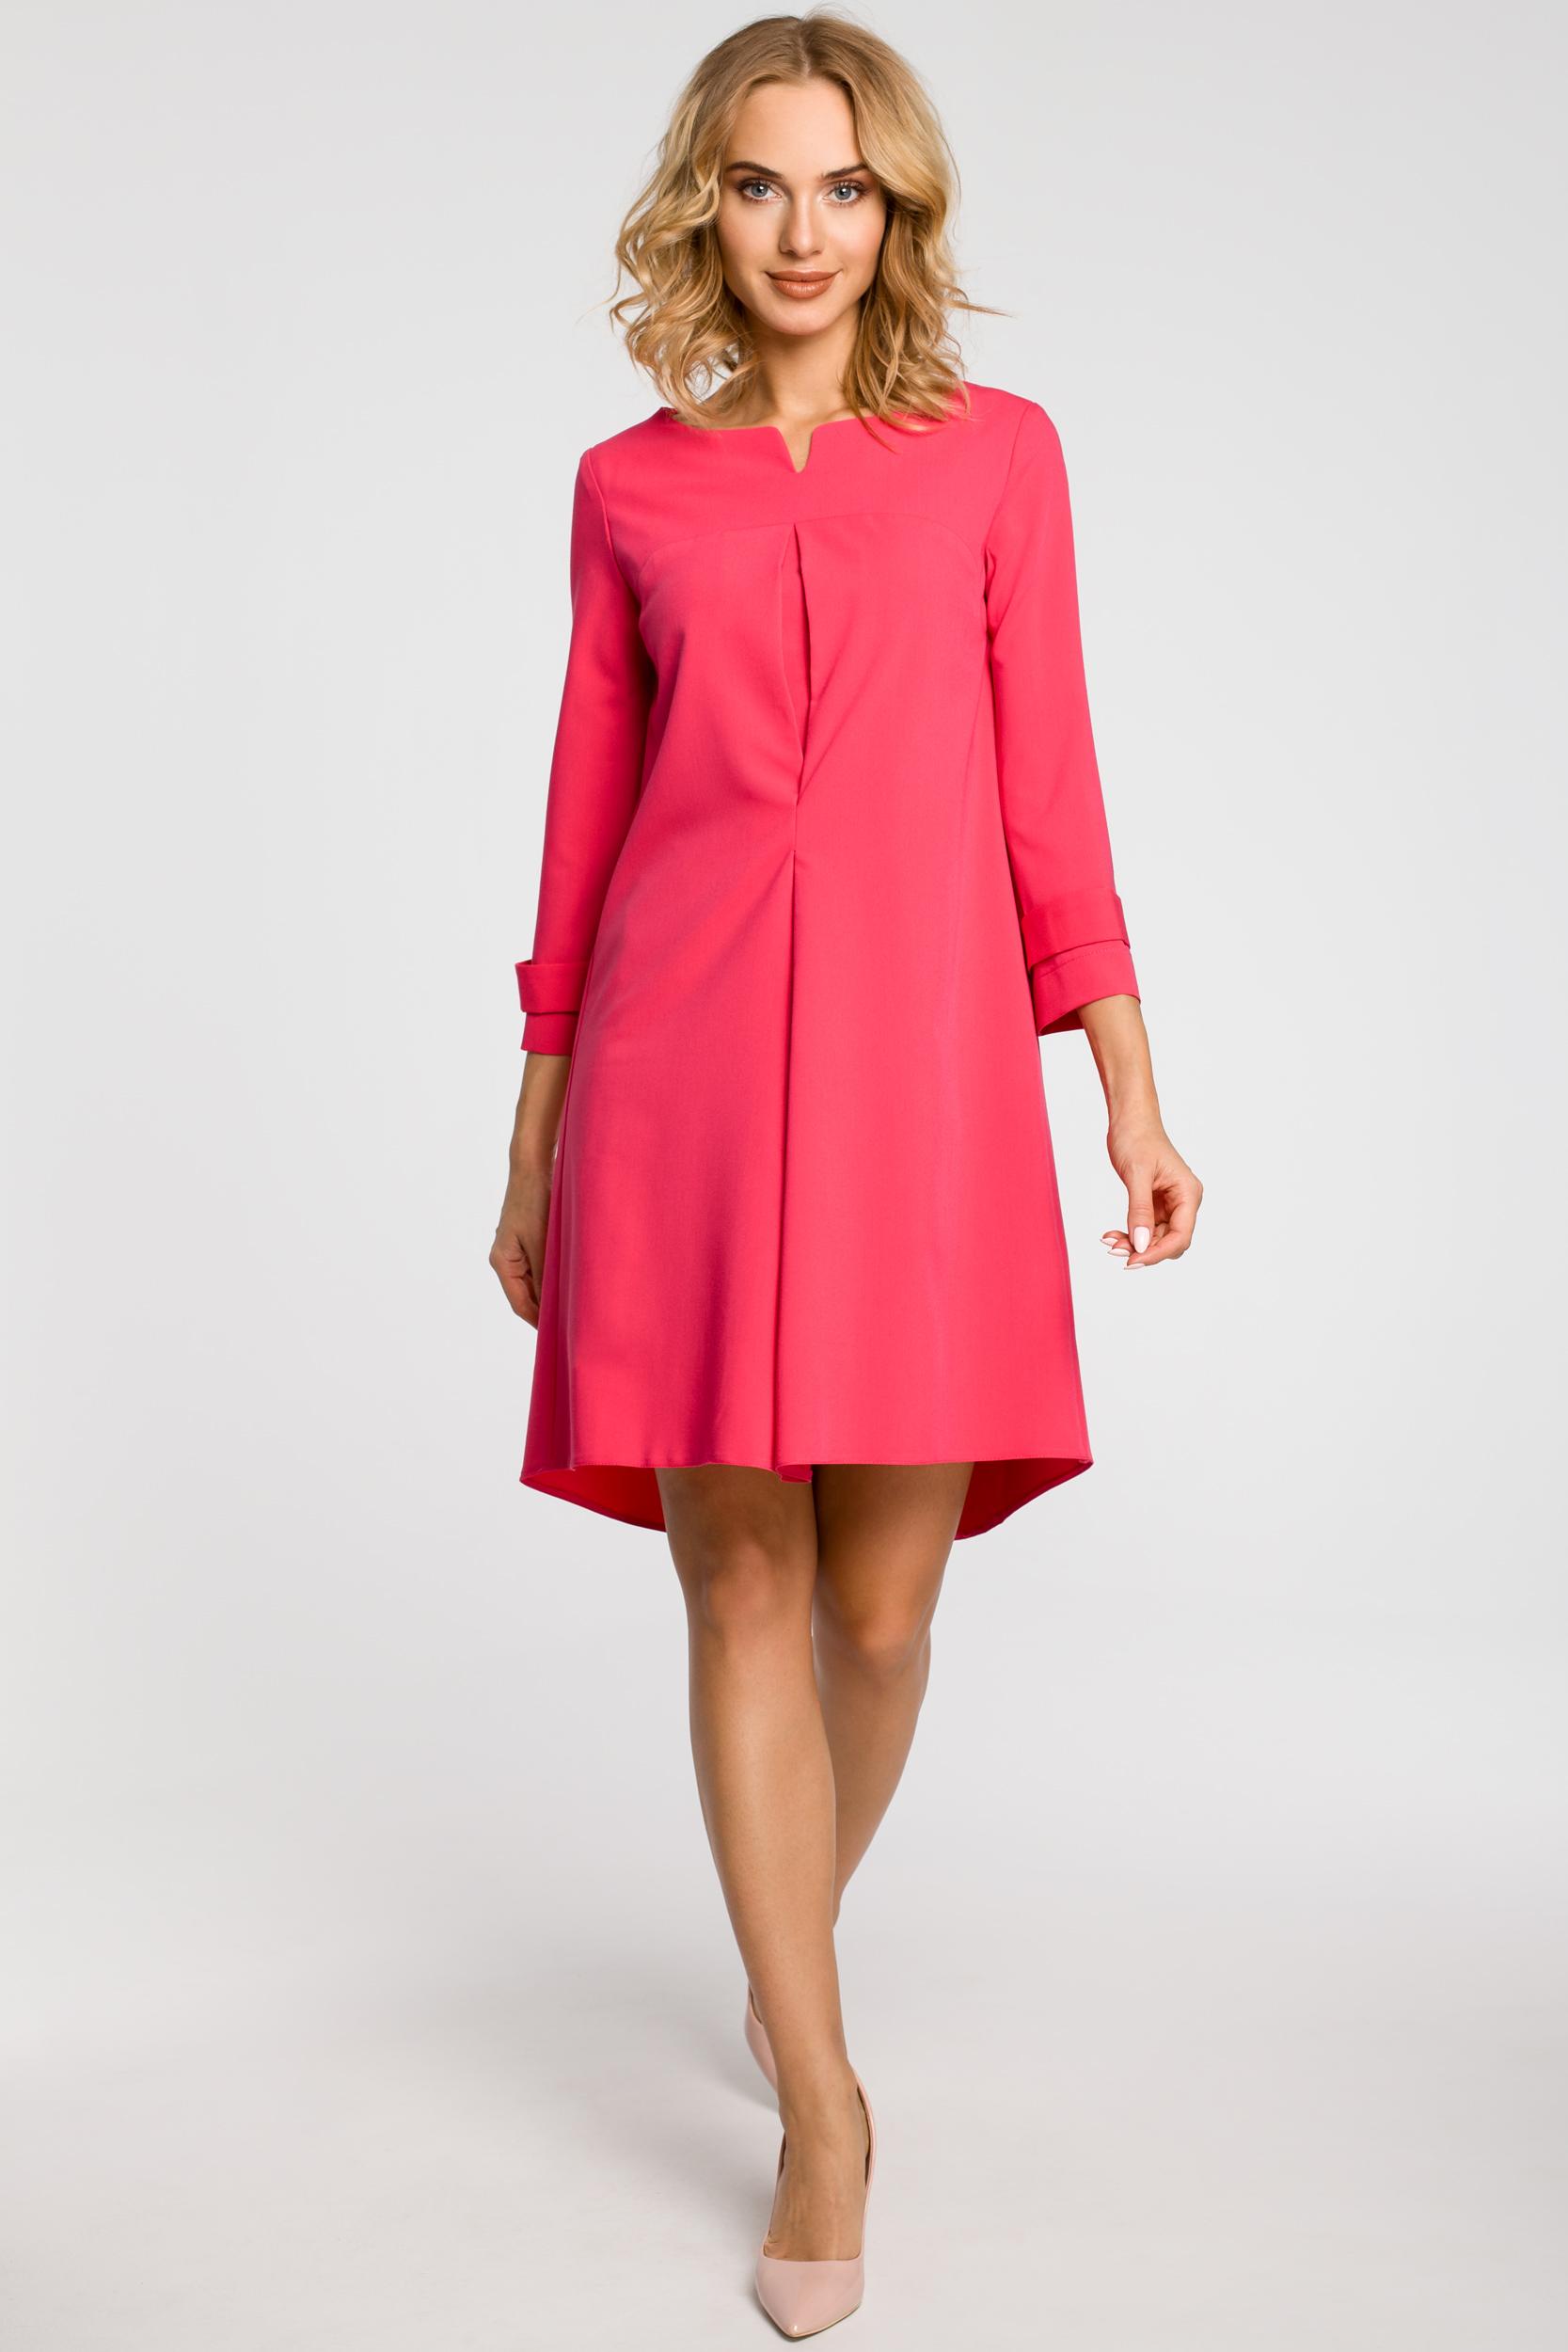 CM1150 Rozkloszowana sukienka na podszewce szeroki rękaw - różowa